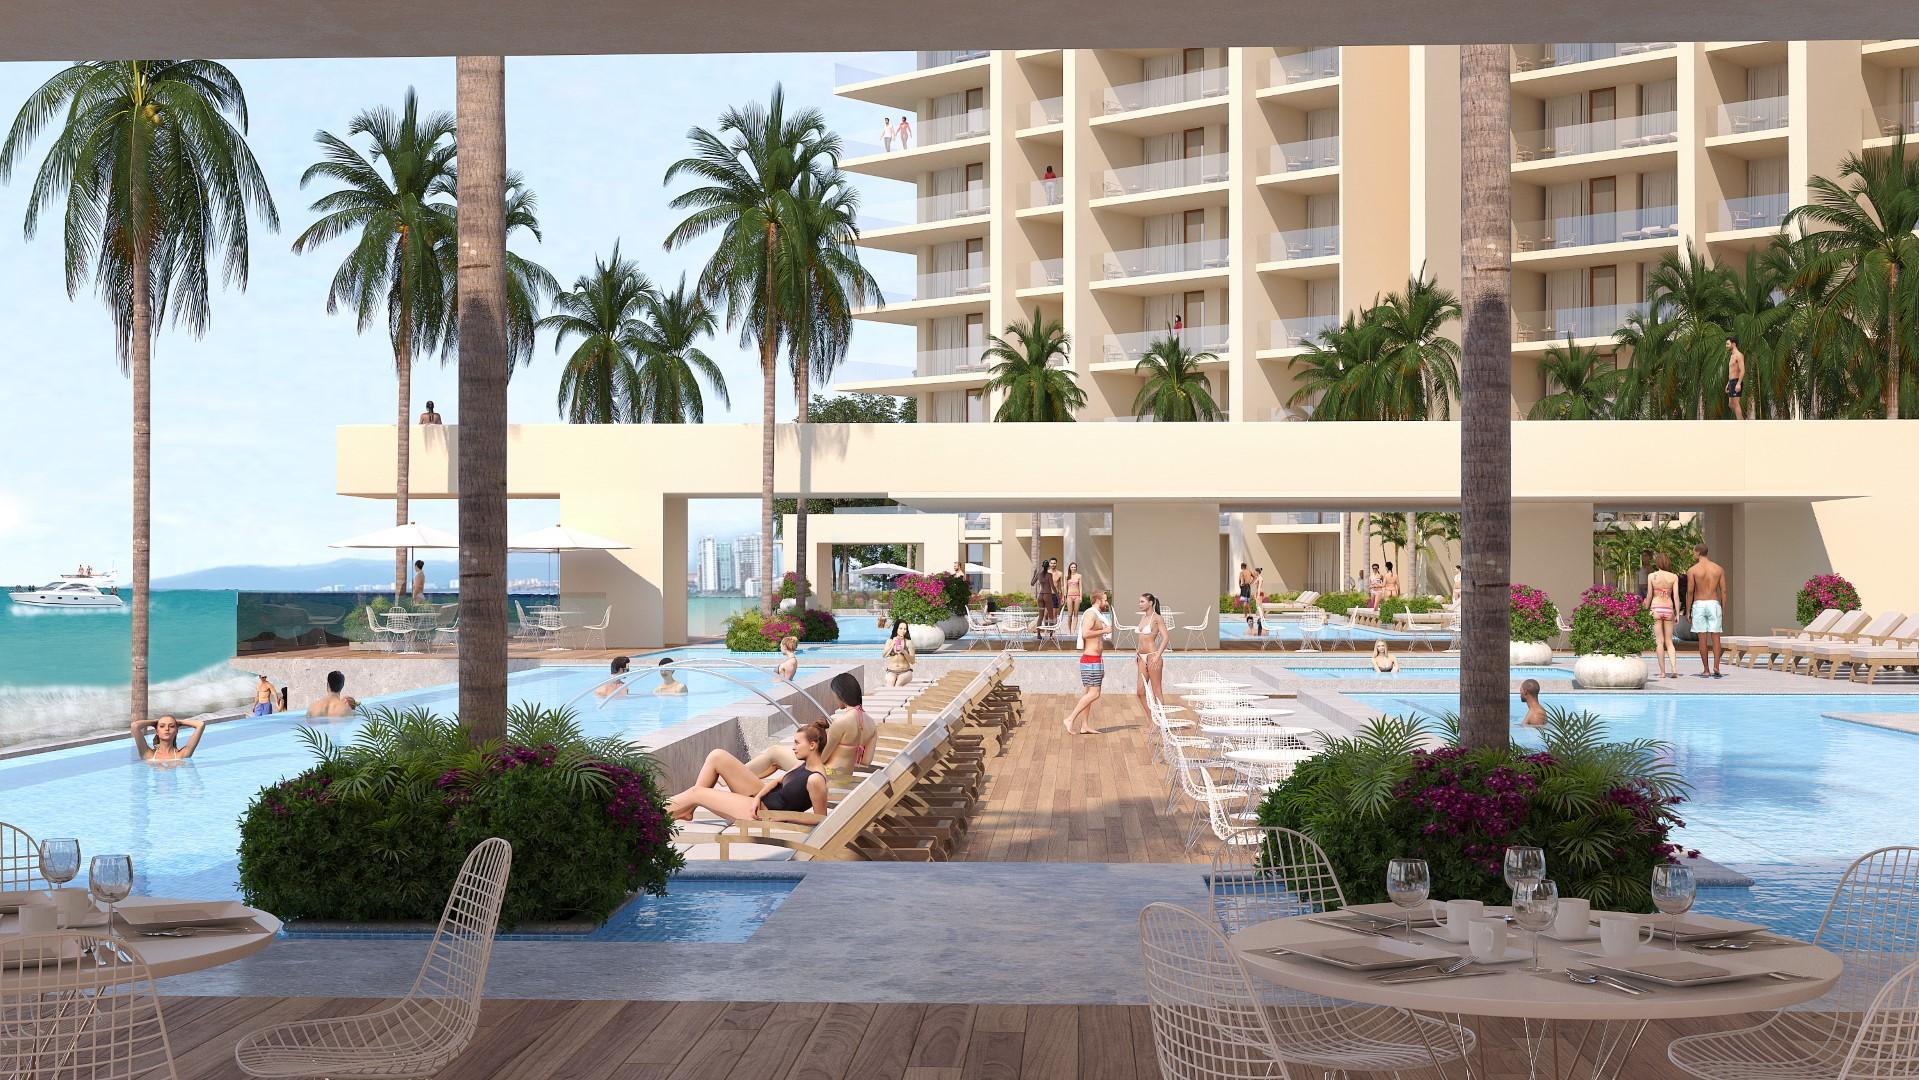 Hotel Zone, 2 Bedrooms Bedrooms, ,2 BathroomsBathrooms,Condo,For Sale,Febronio Uribe,22148